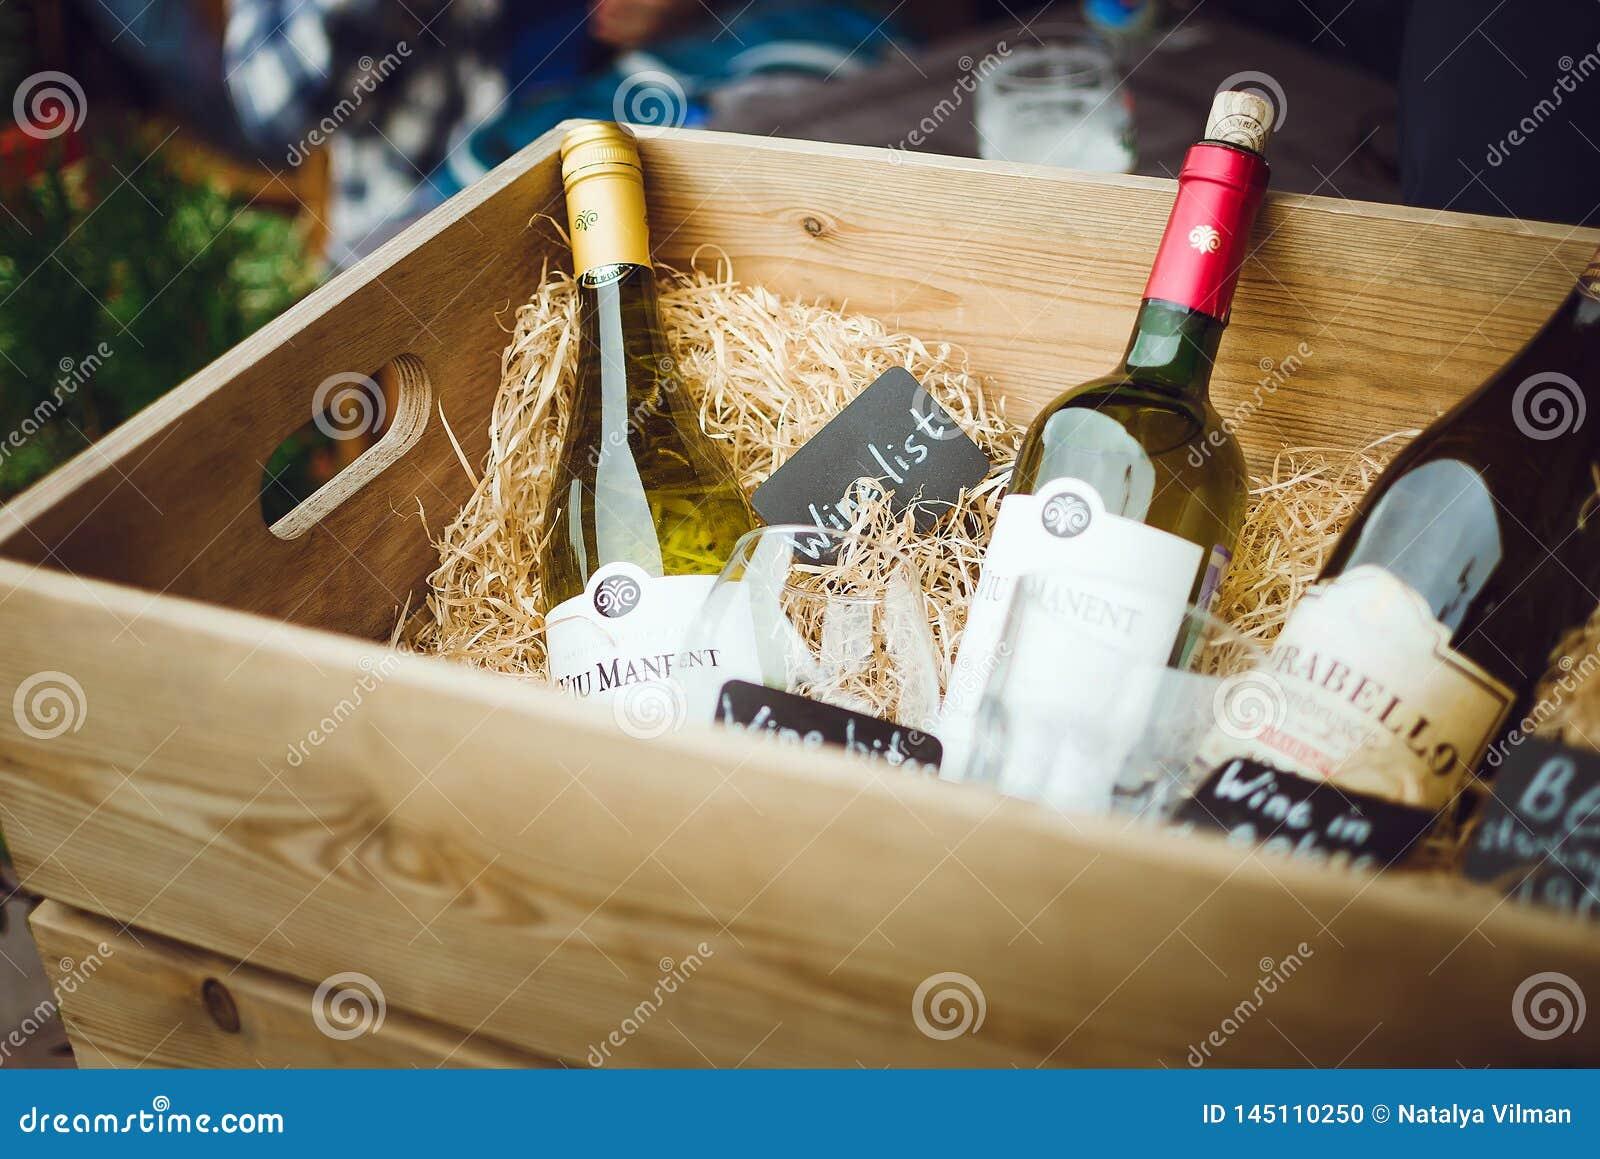 Бутылки вина в винтажной деревянной коробке Кафе улицы витрин пейзажа